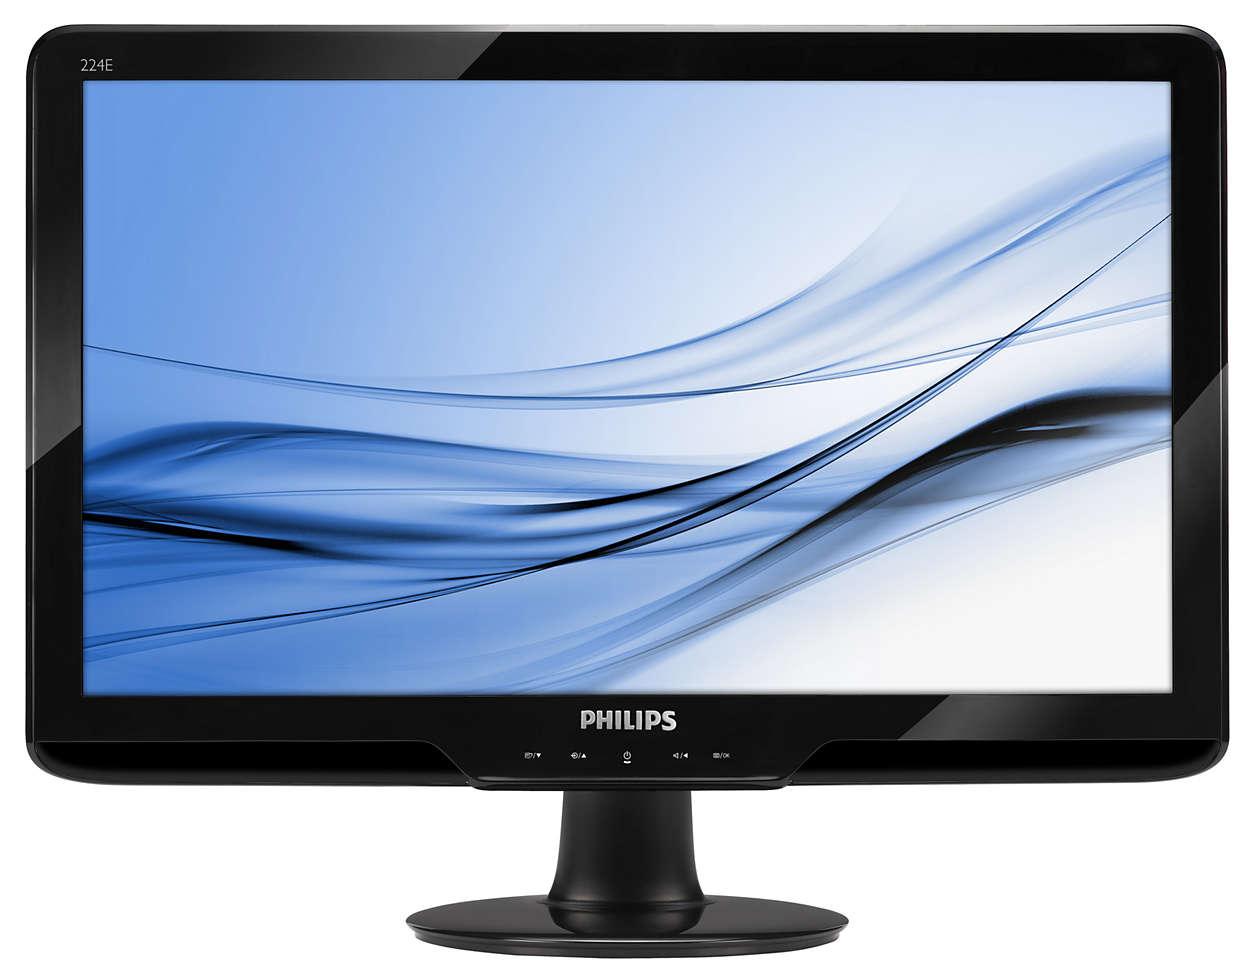 優雅的 HDMI 顯示器,給您 Full HD 娛樂饗宴